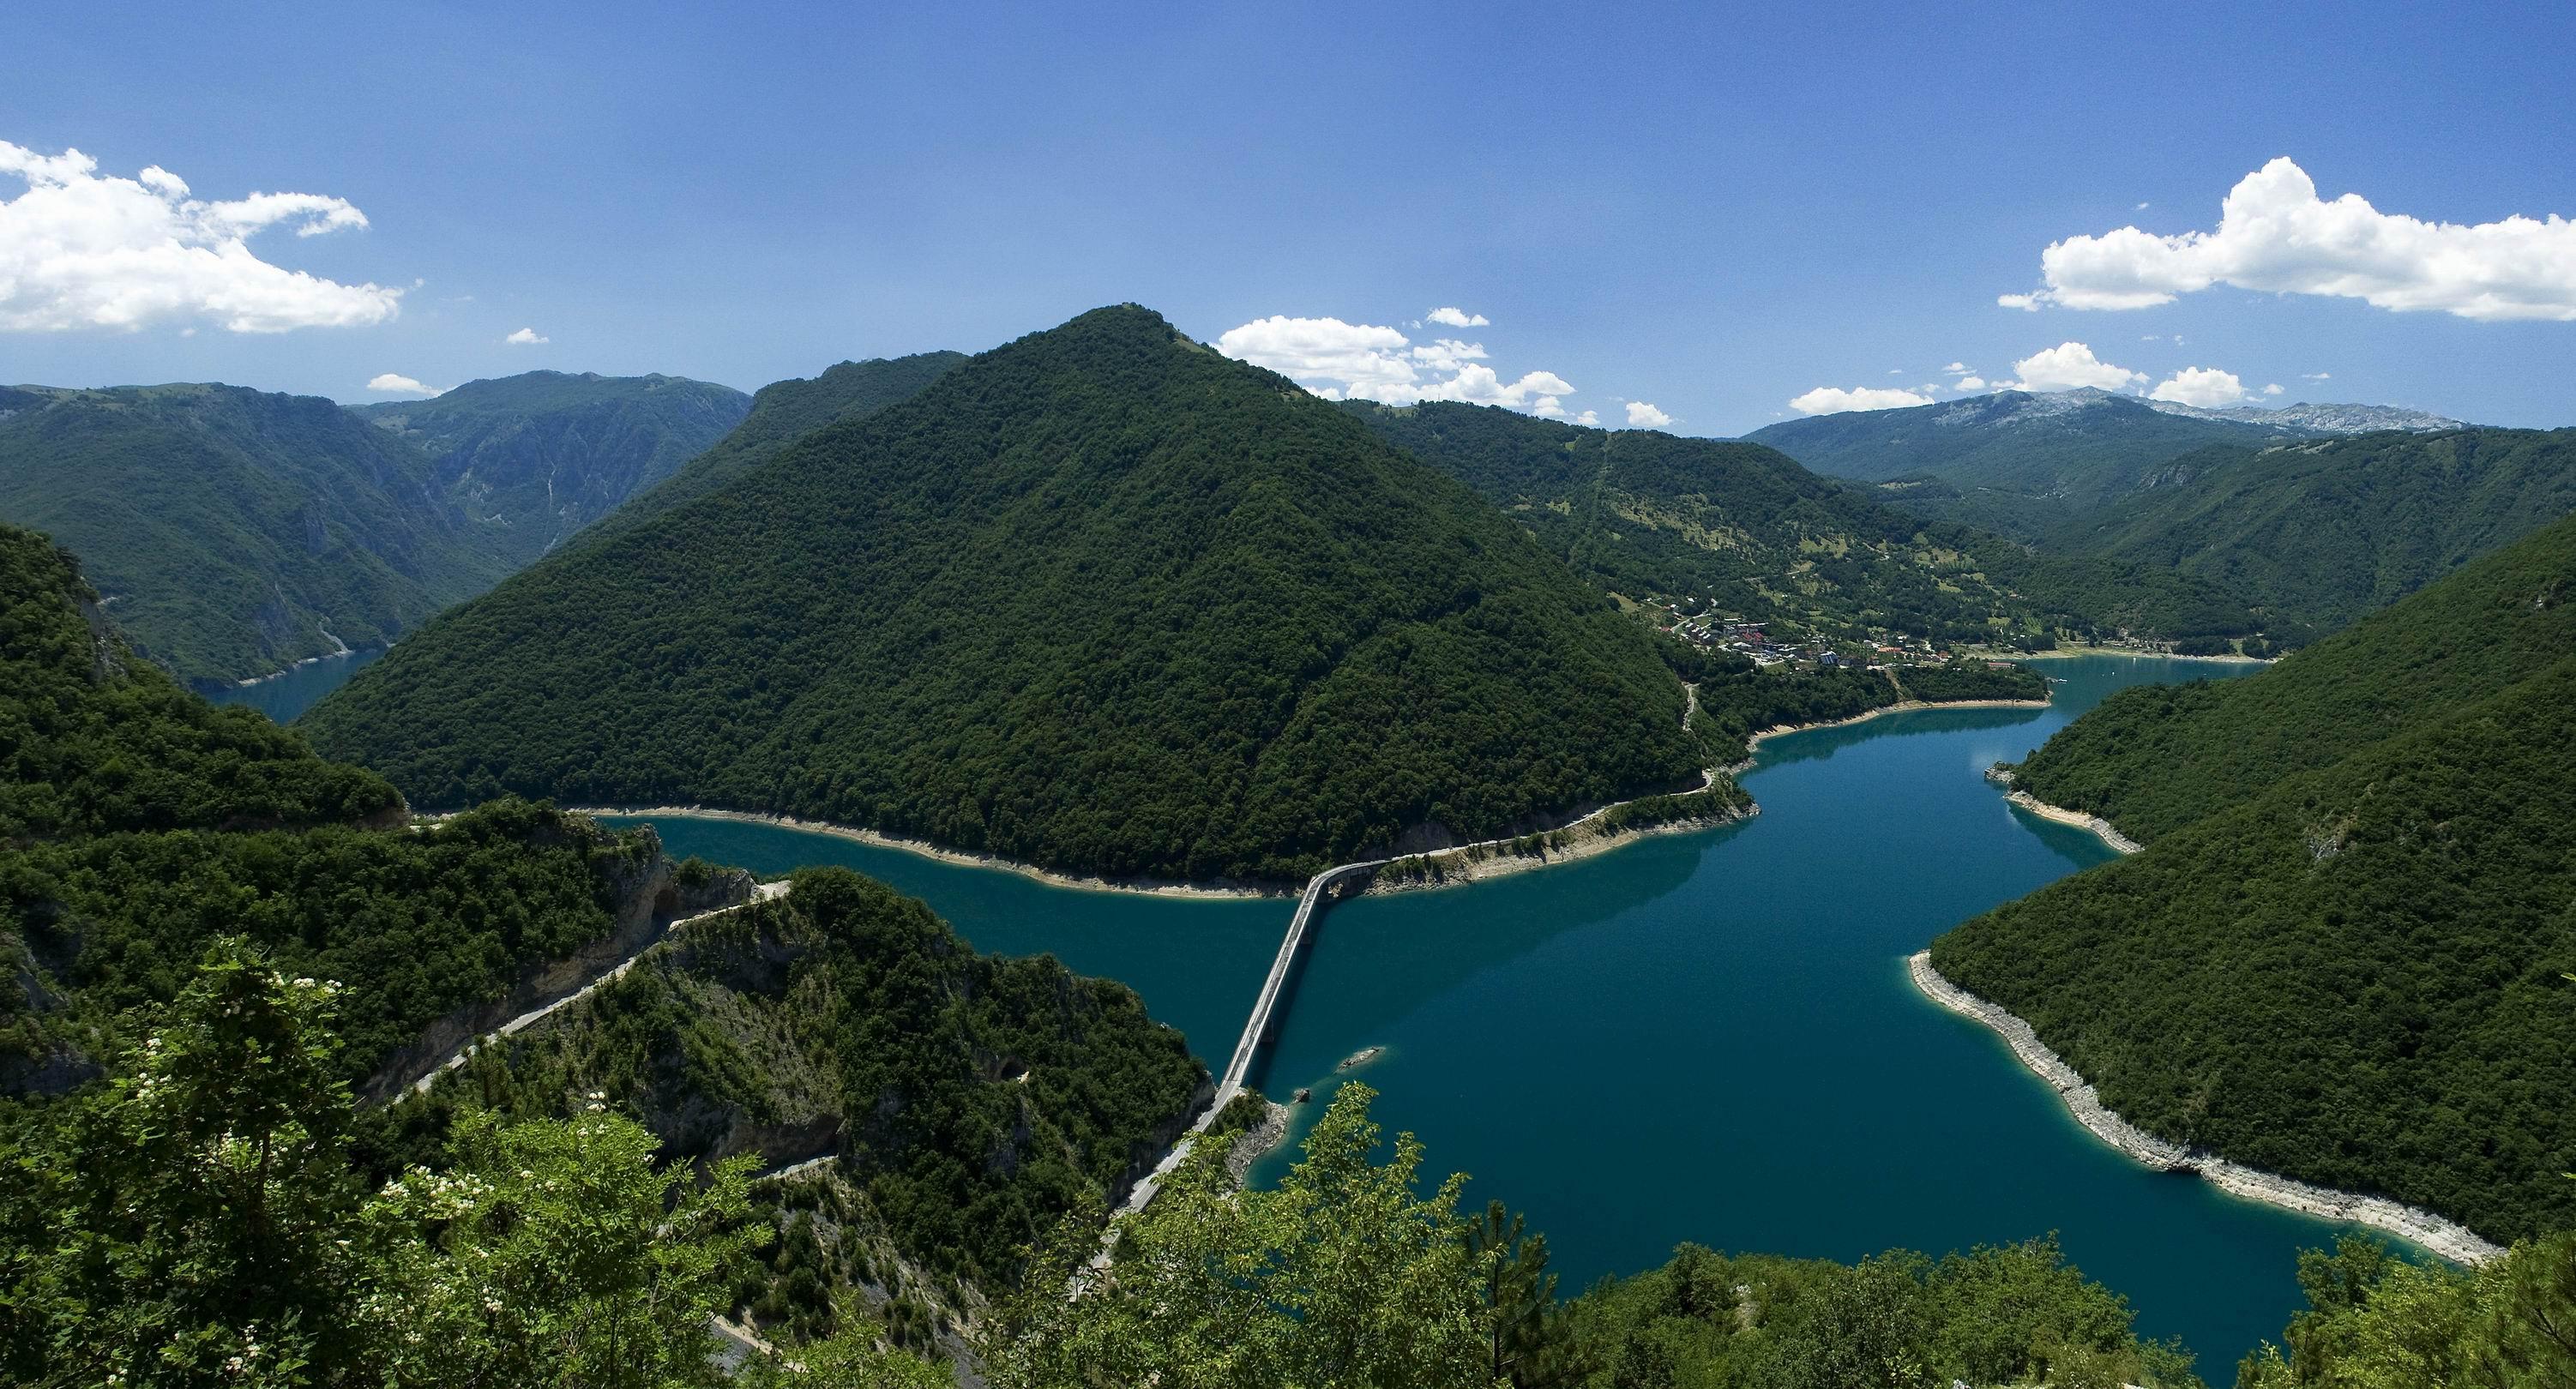 Национальный парк Биоградска-Гора - одна из охраняемых территорий Черногории